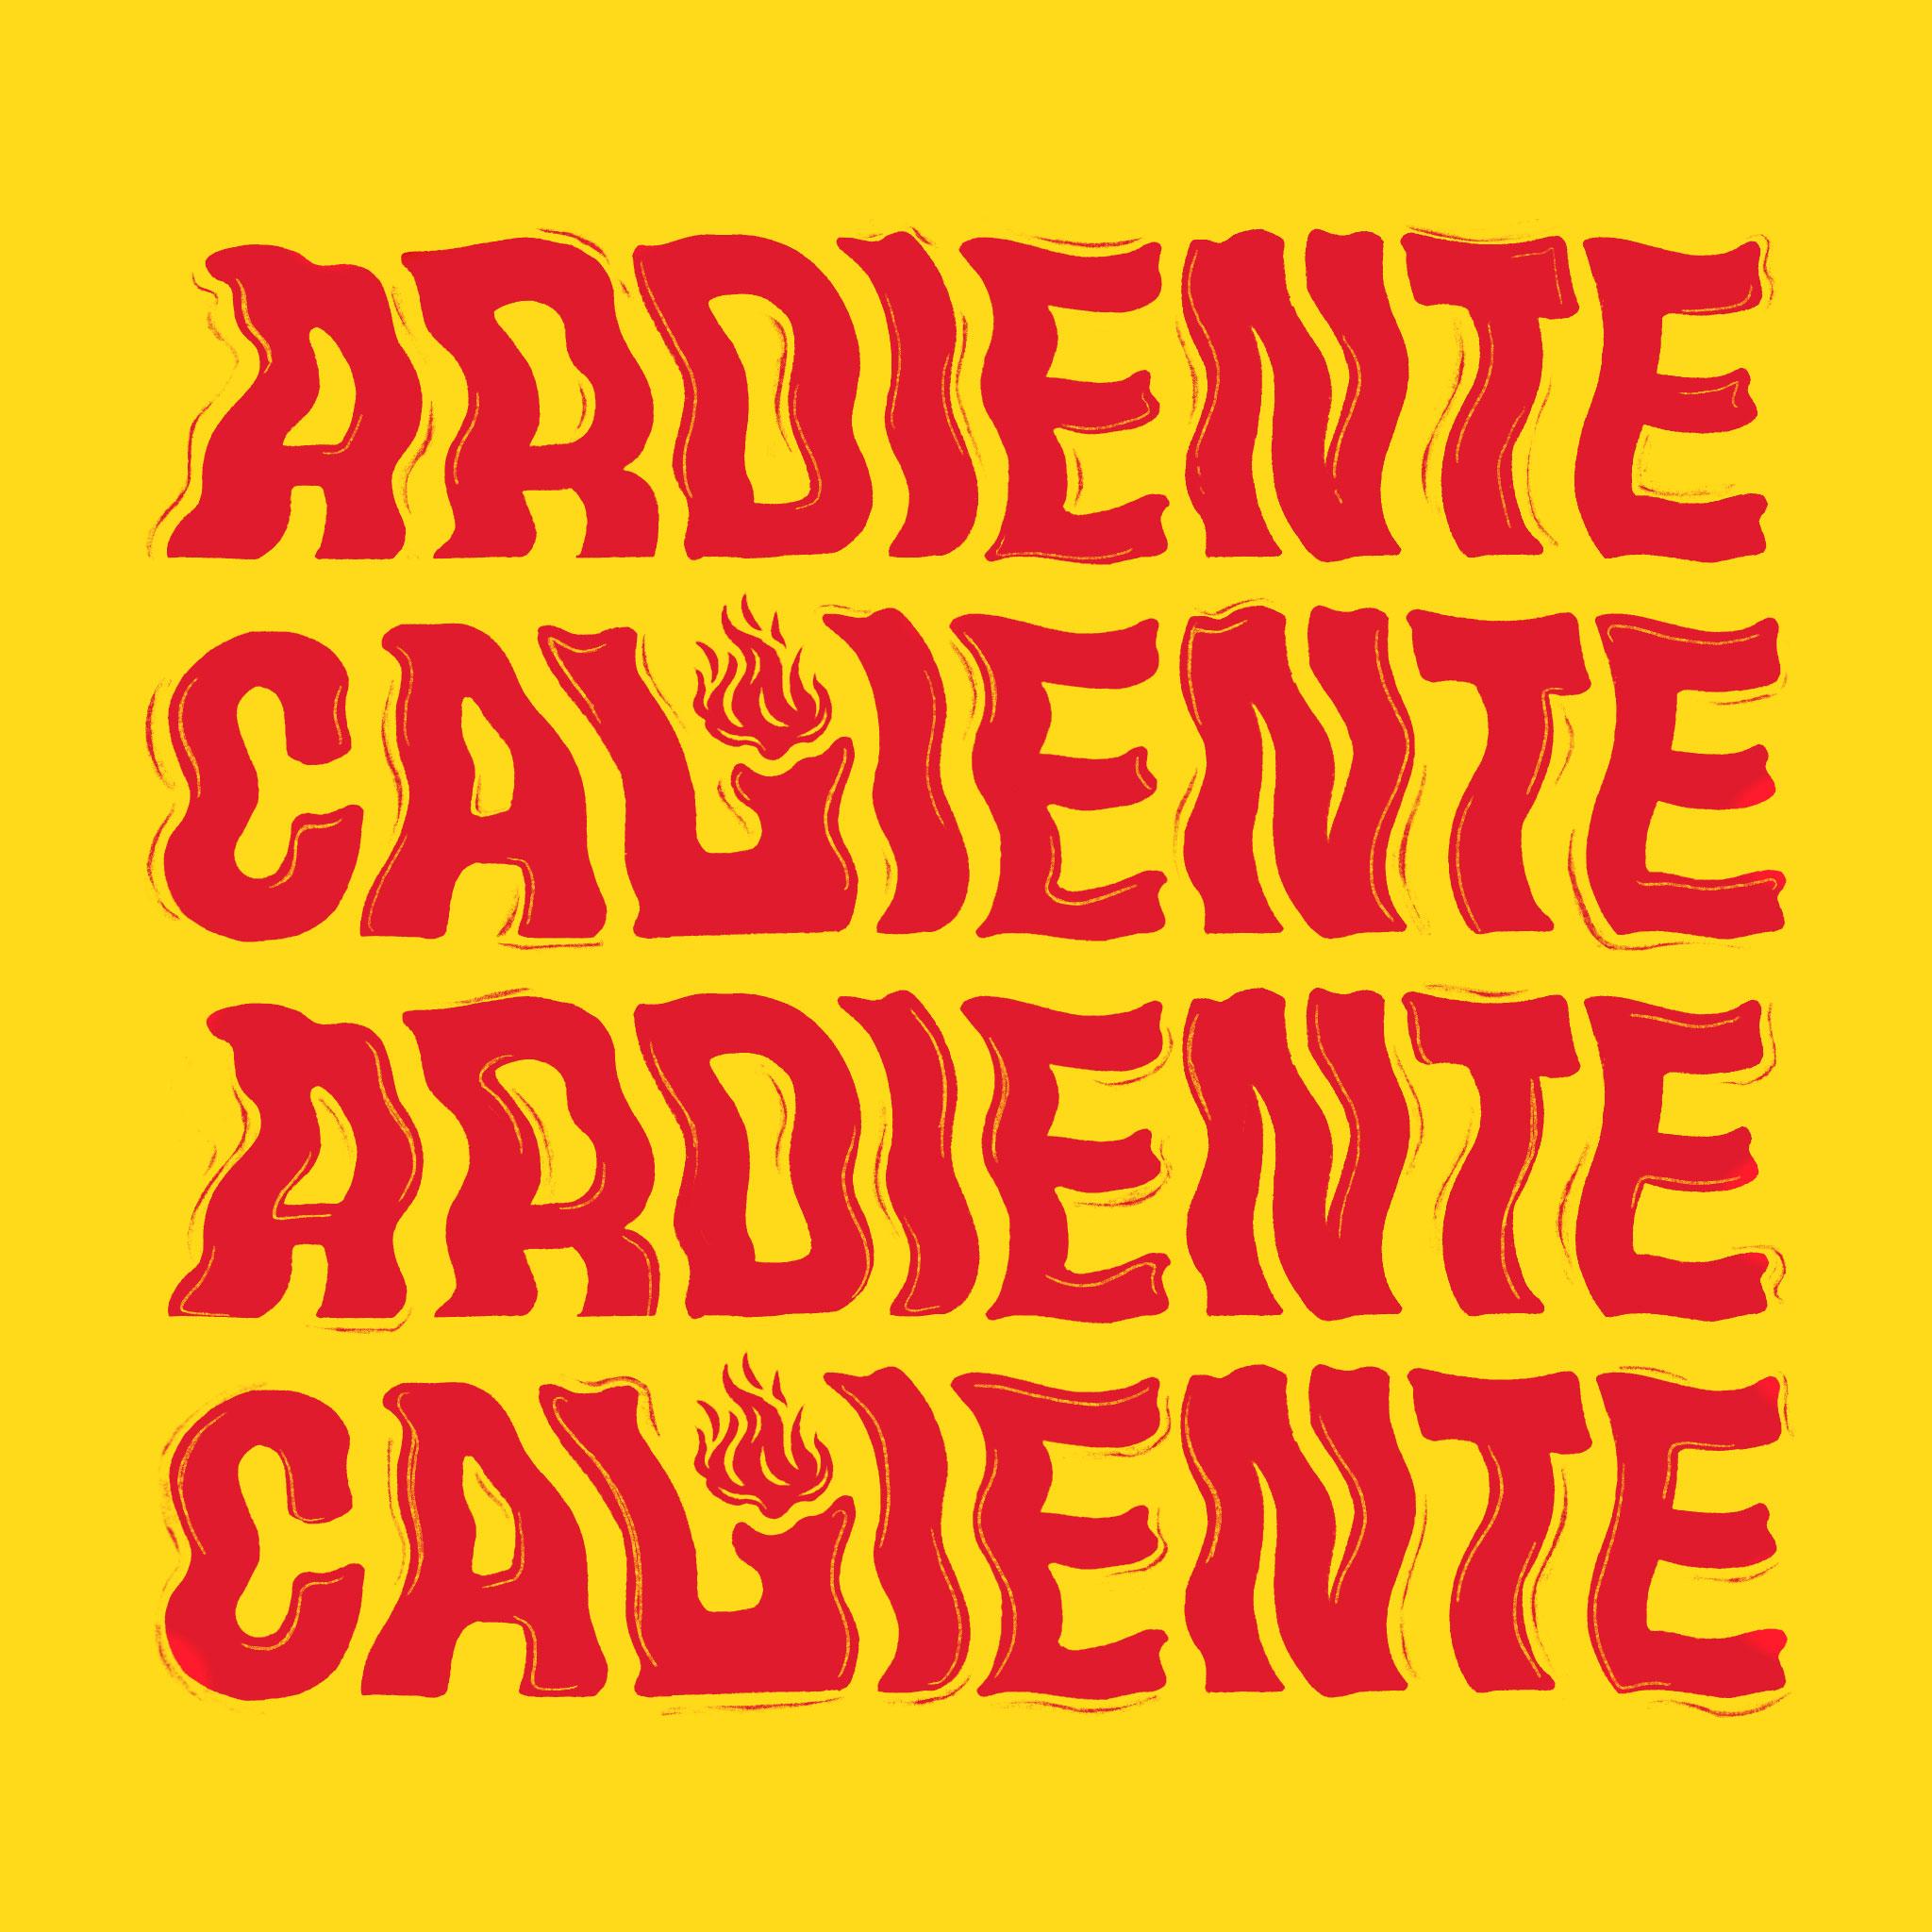 ardiente_calientejpg